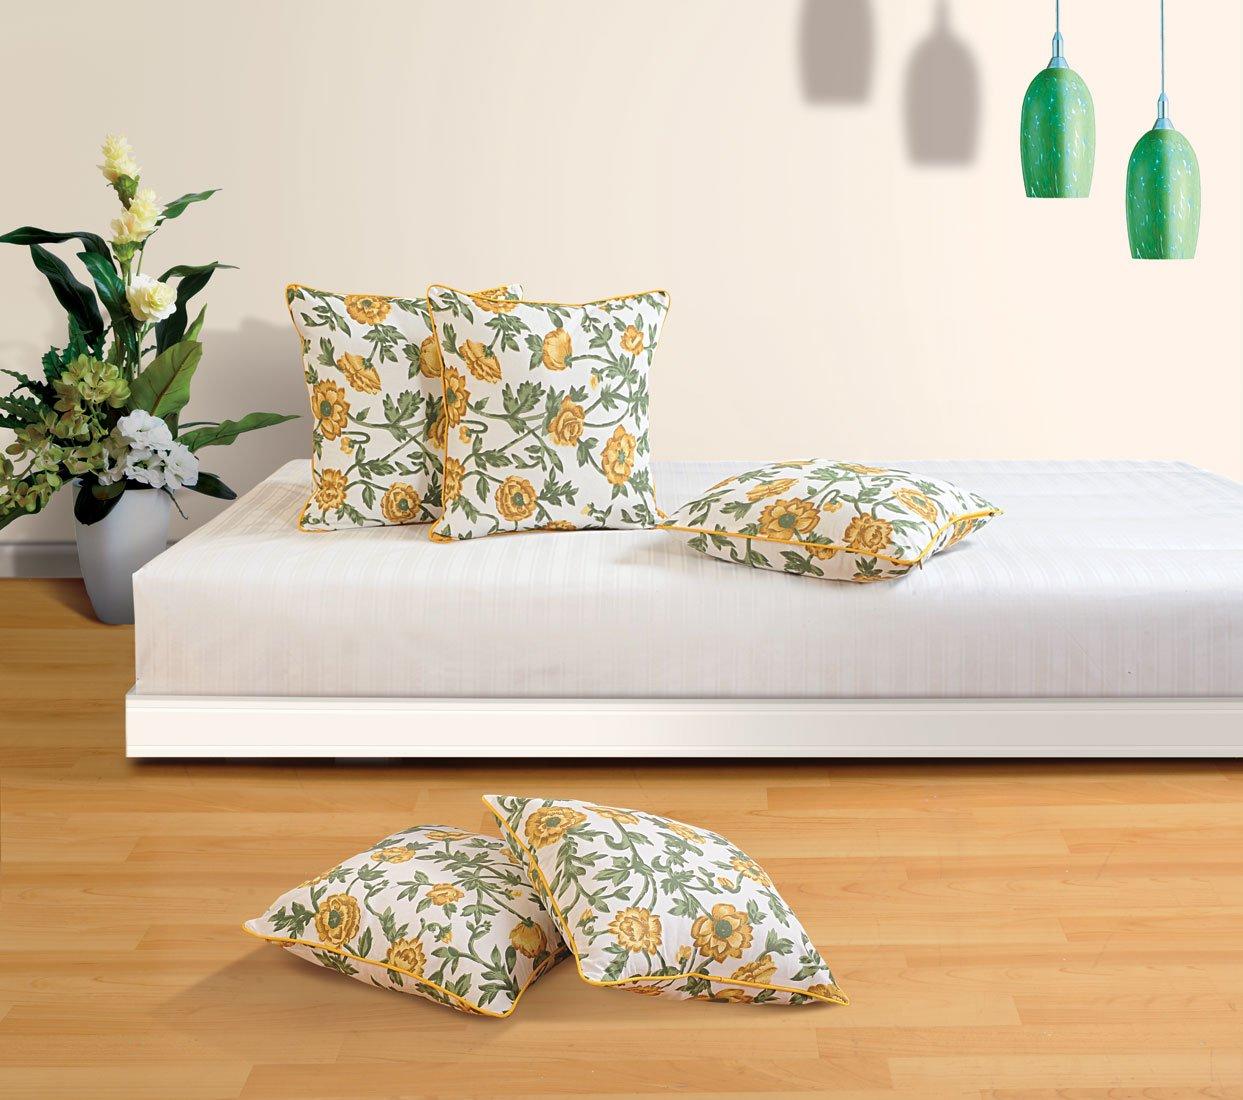 ShalinIndiaのセット5フローラル印刷クッション枕カバー – Perfect forベッドとソファ – 200スレッドカウントコットン生地 16 x 16 Inch MPN-CC182-3701-S5-16x16 B07BMSY7M9 16 x 16 Inch|Multi_8 Multi_8 16 x 16 Inch